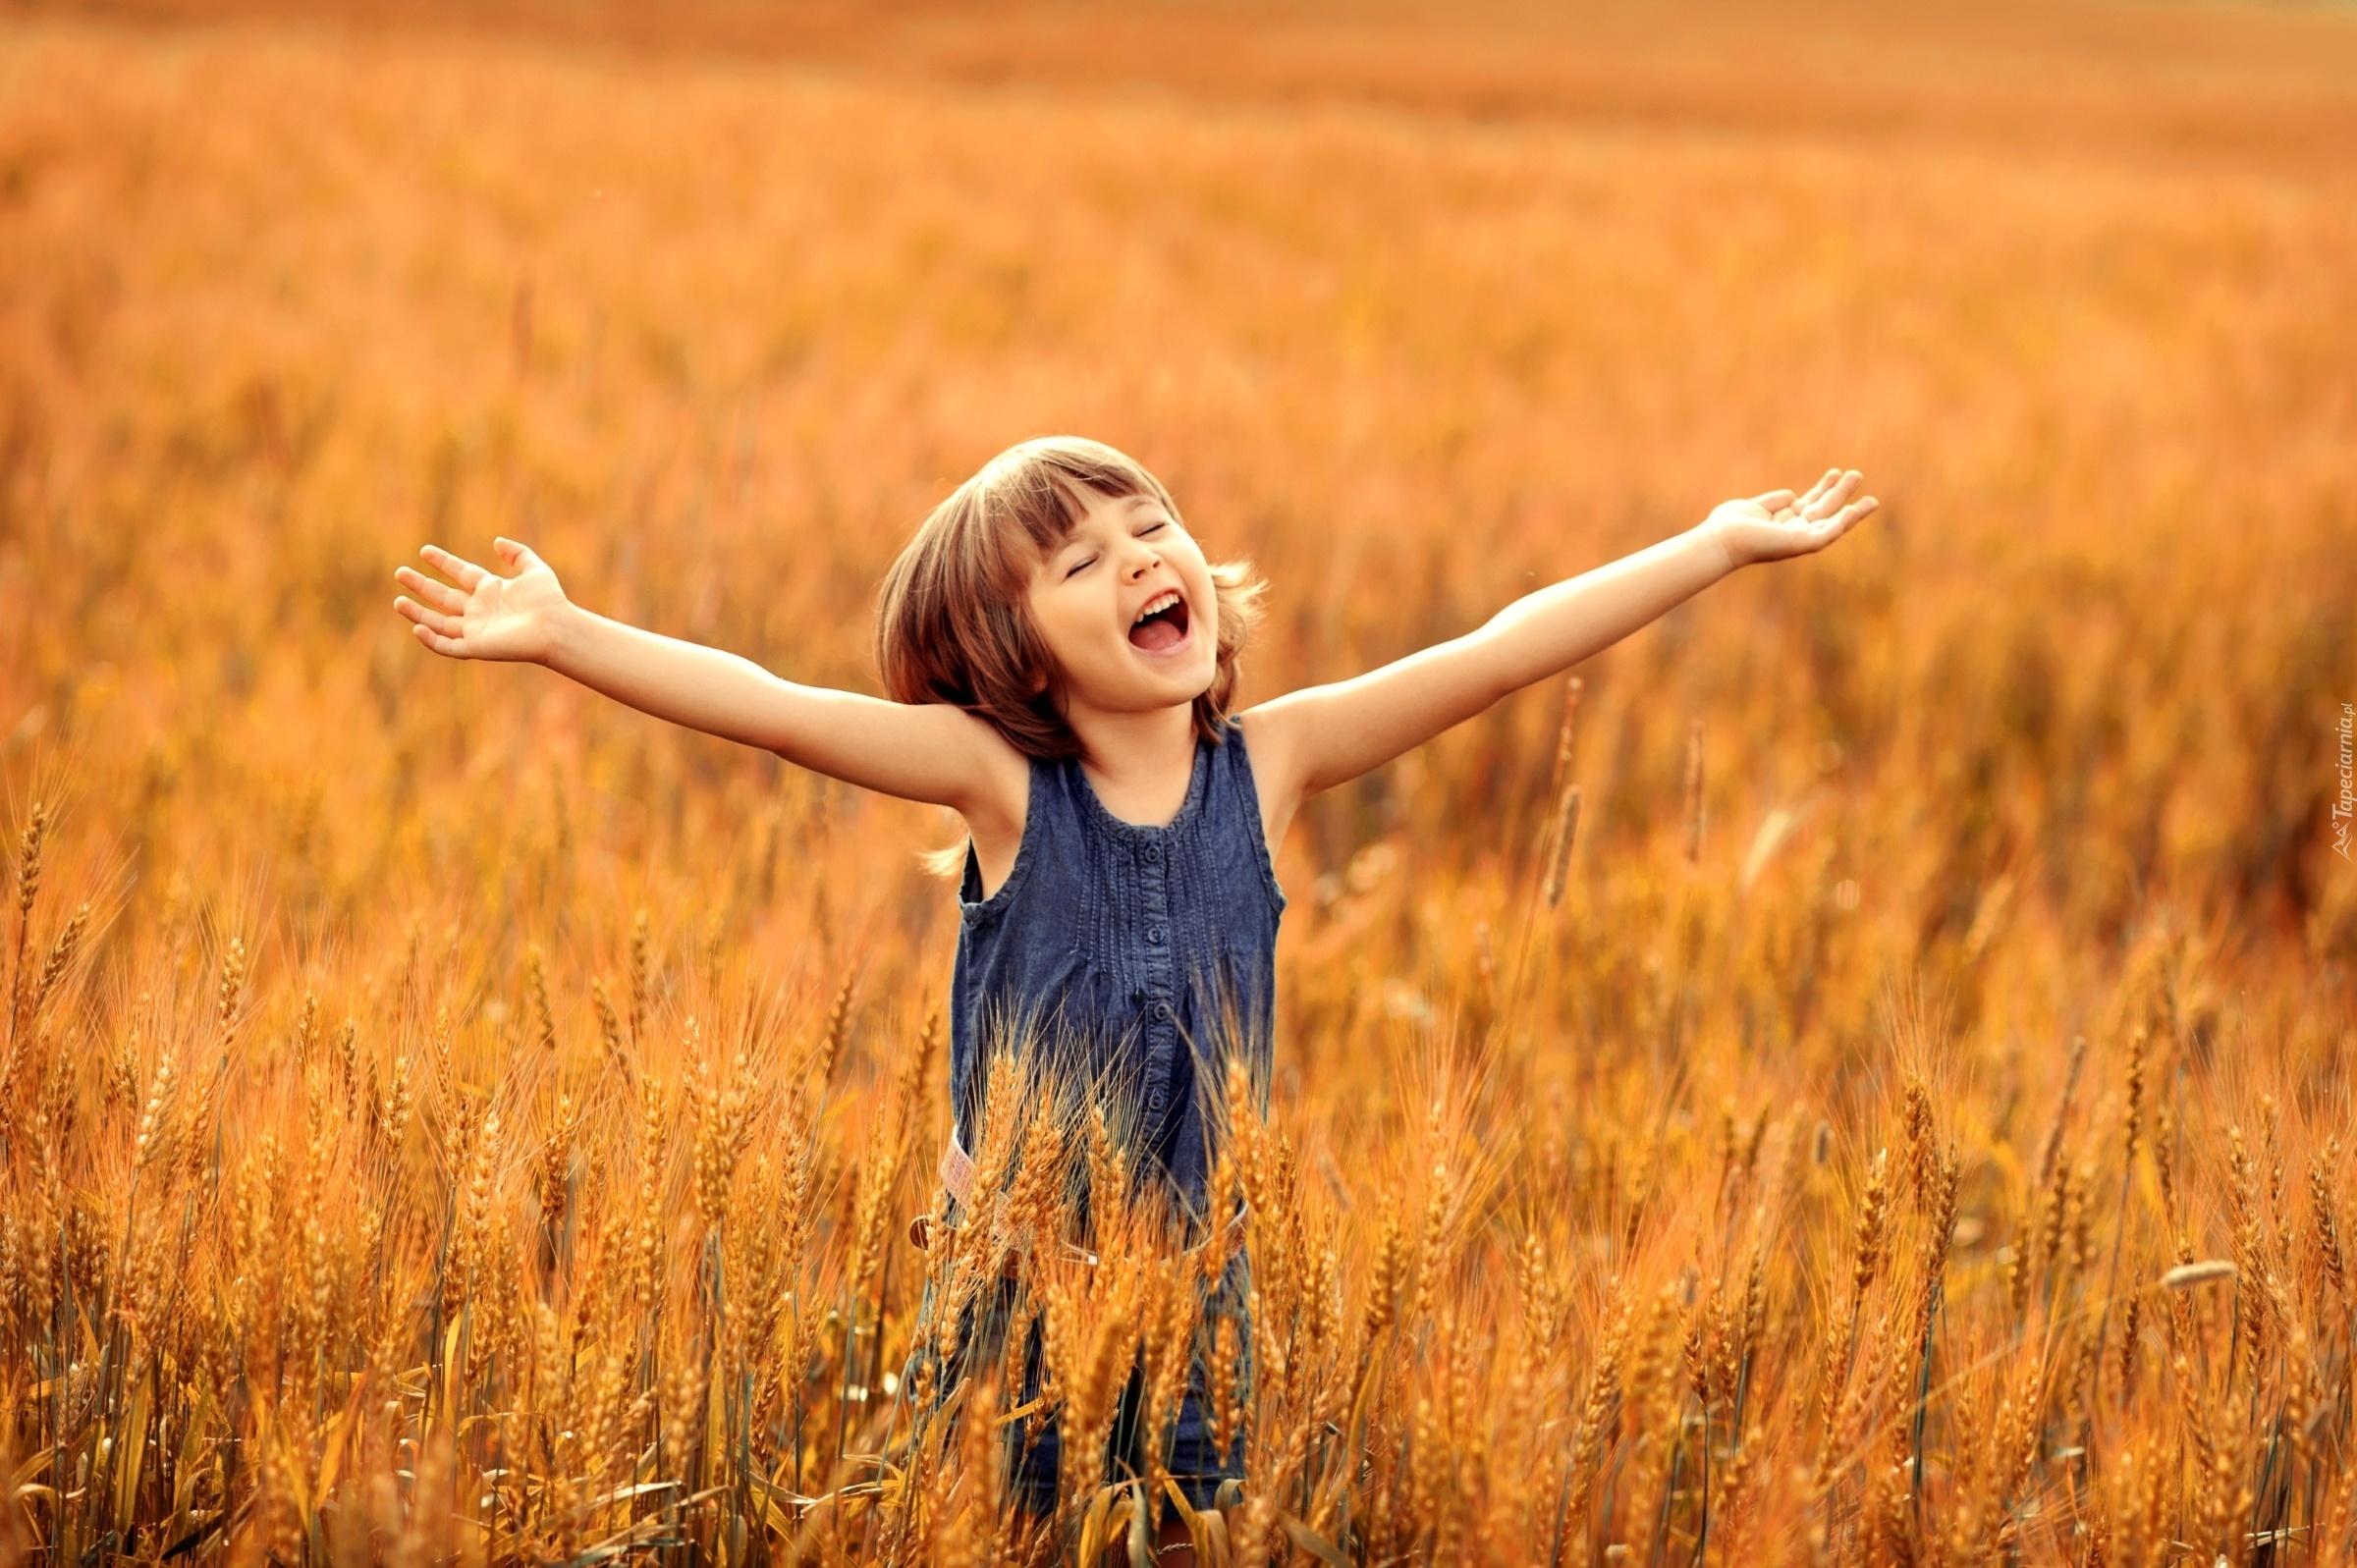 Dziewczynka, Uśmiech, Radość, Zboże, Pole